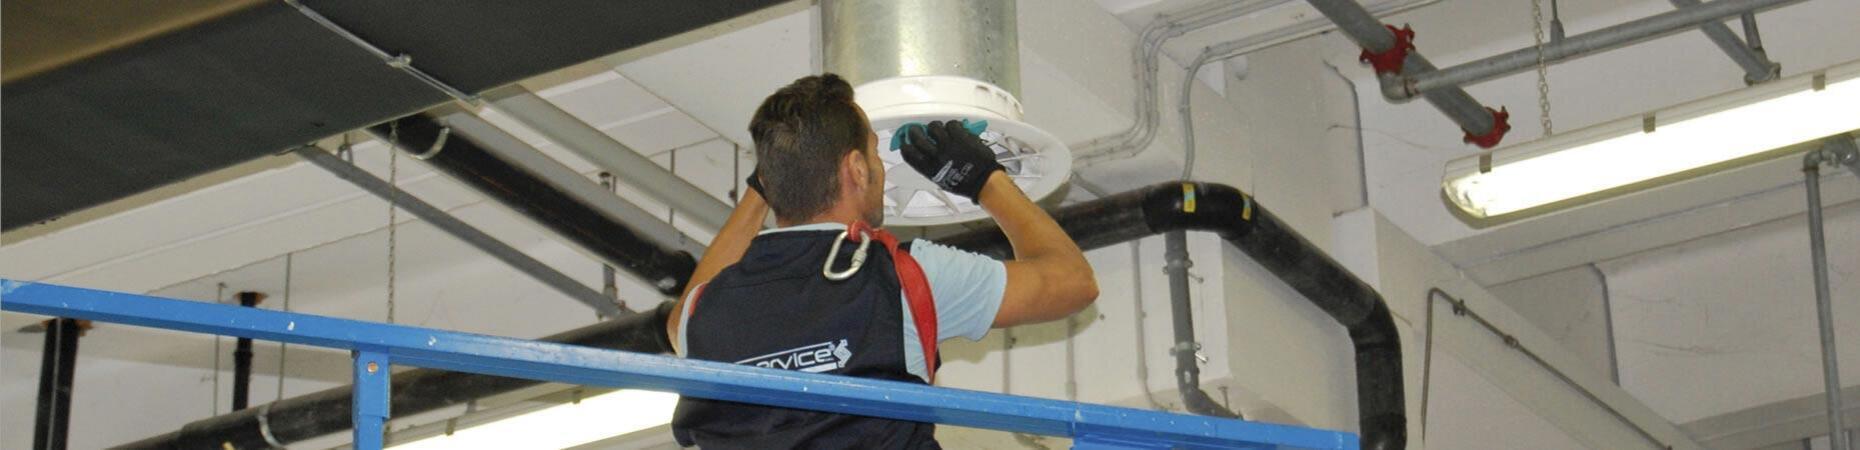 ecoservice-ferrara it pulizia-e-sanificazione-condotti-aria-ferrara 005